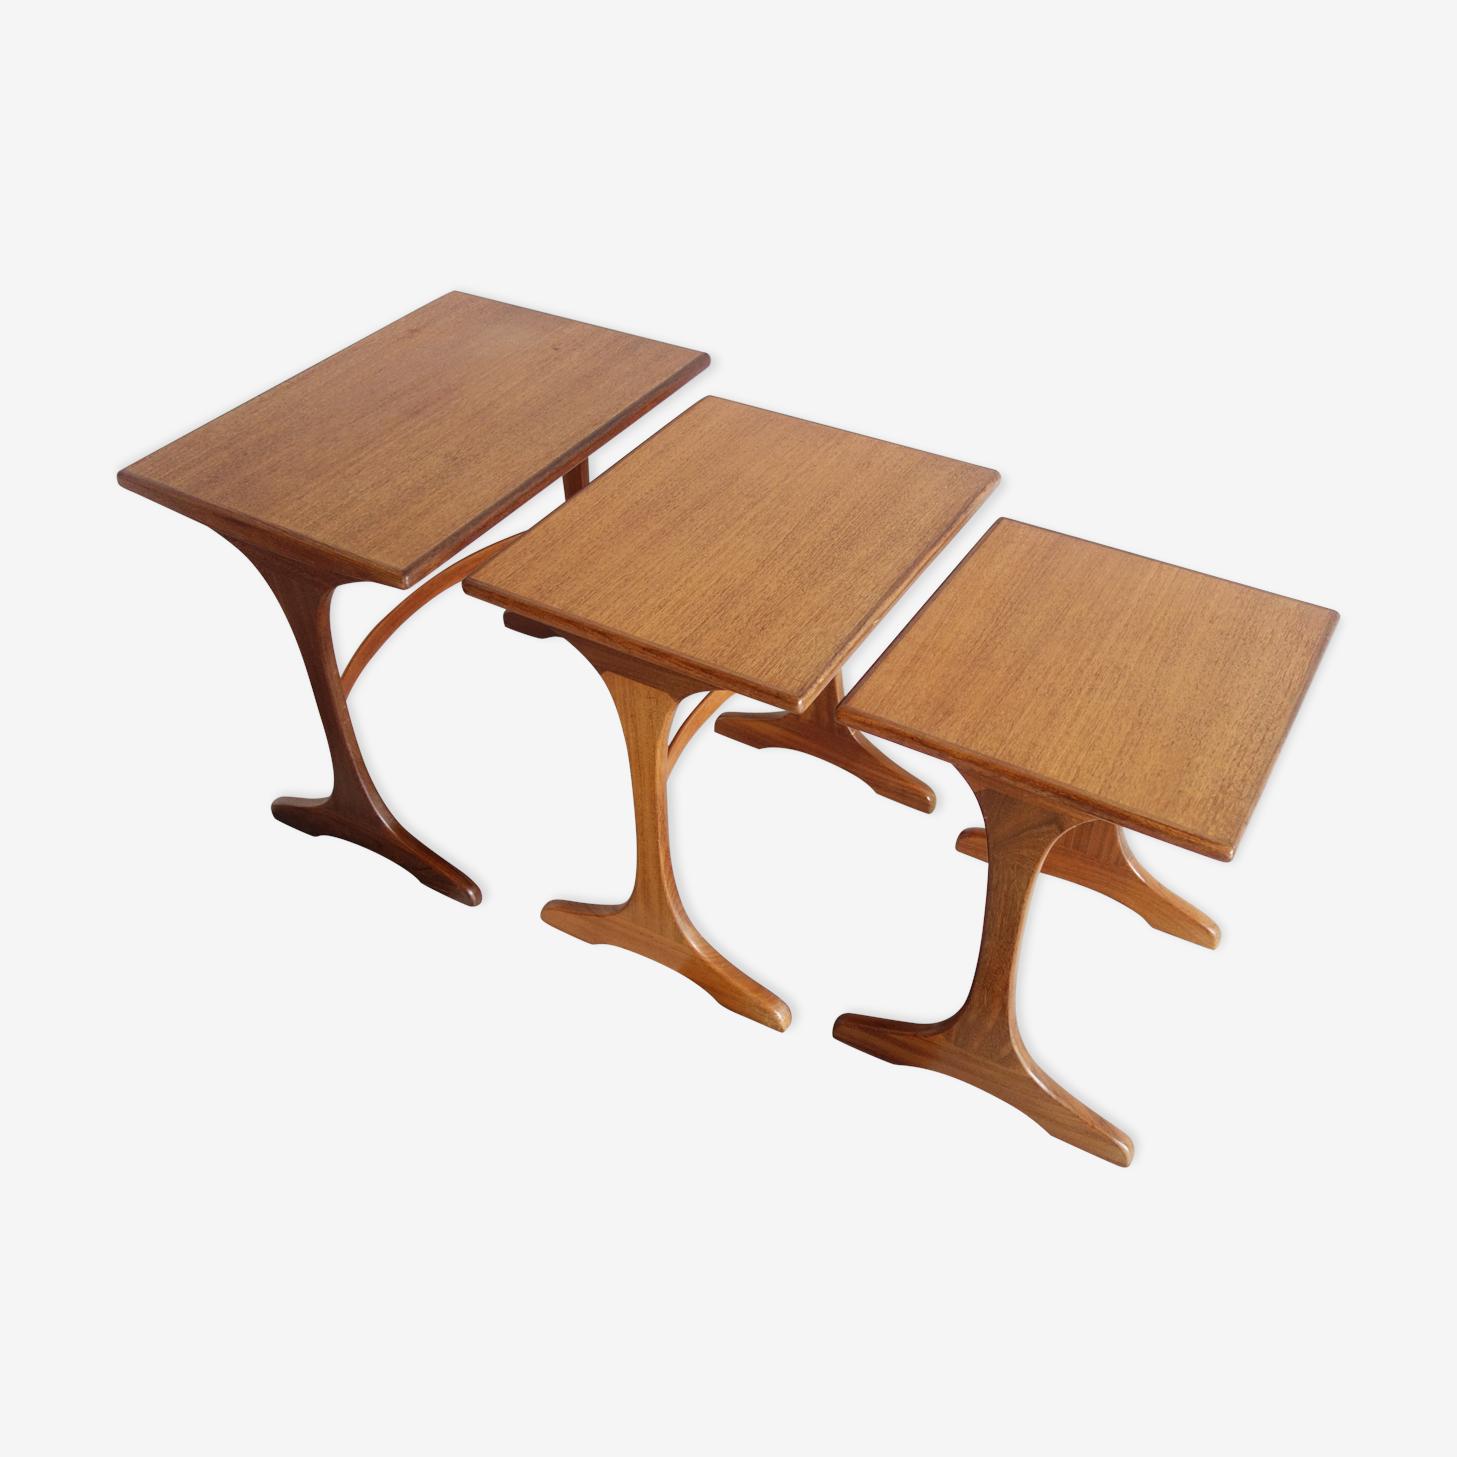 Set of teak nesting tables by G-Plan Fresco 1960